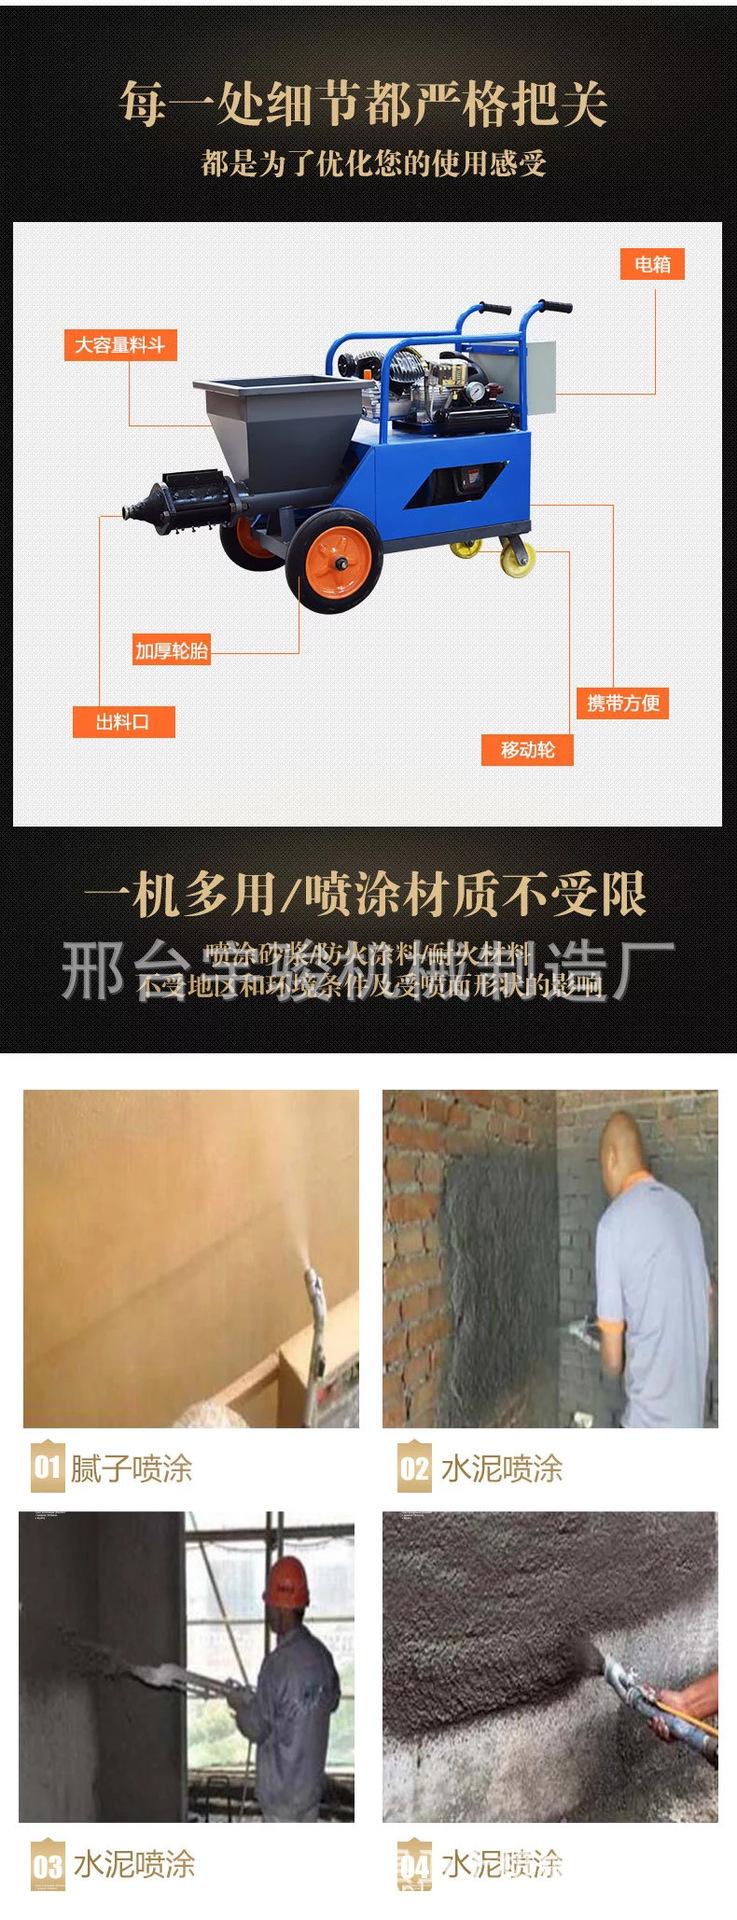 多功能膩子粉噴涂水泥砂漿涂料油漆乳膠漆外墻真石漆噴涂機示例圖4